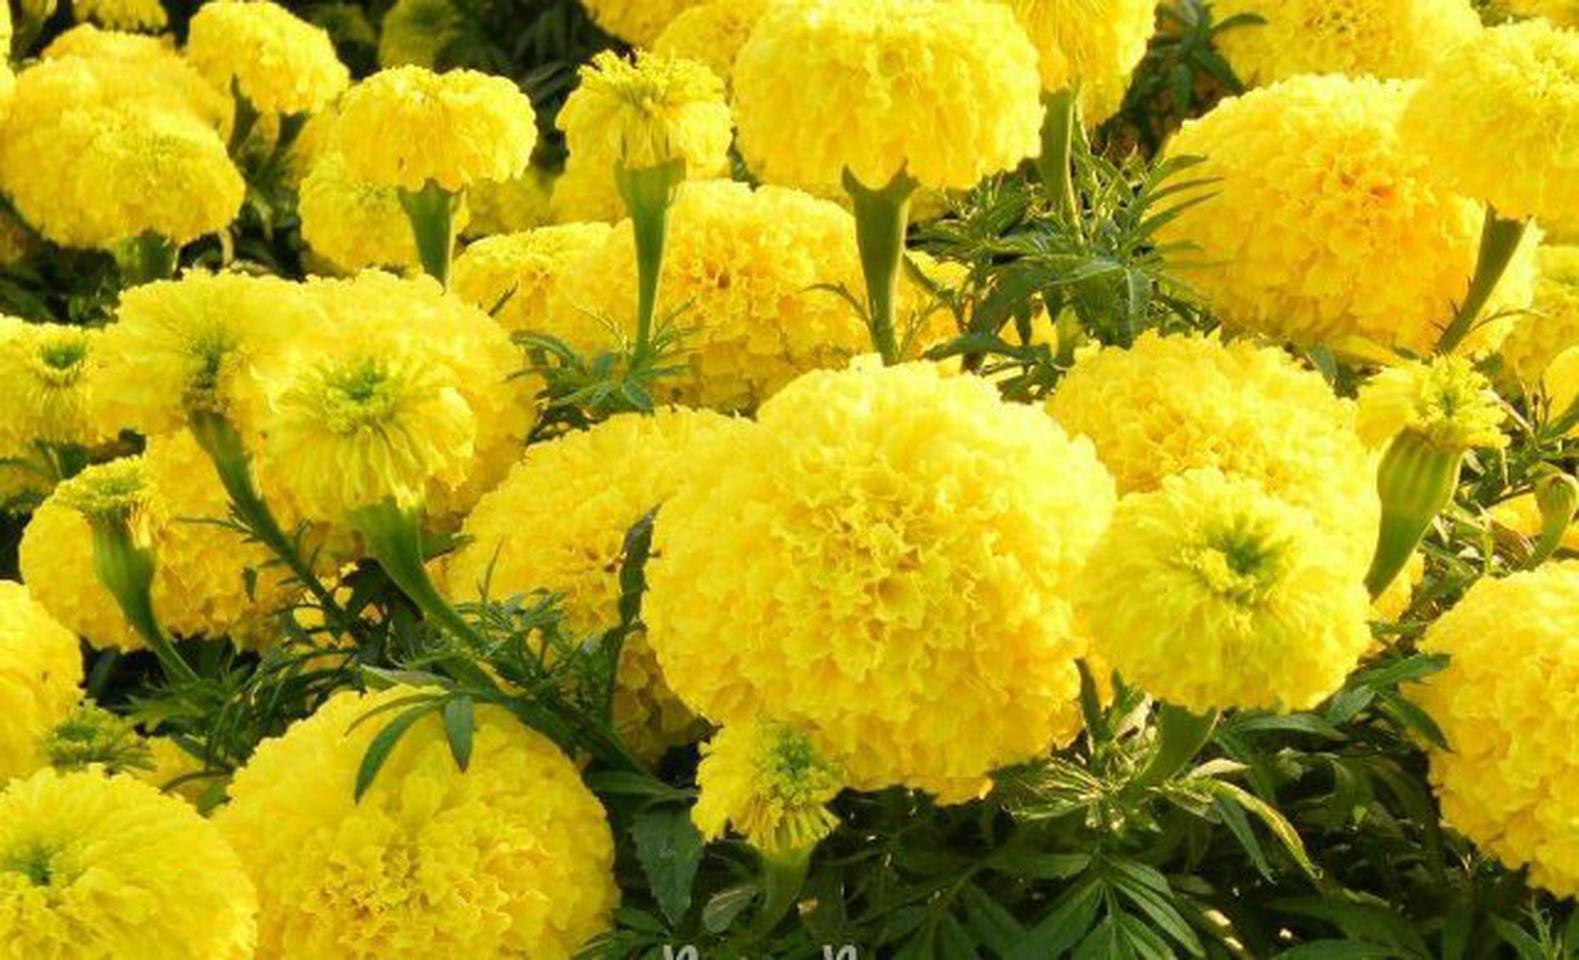 ดาวเรืองประดับพร้อมดอกสีเหลือง รูปที่ 1